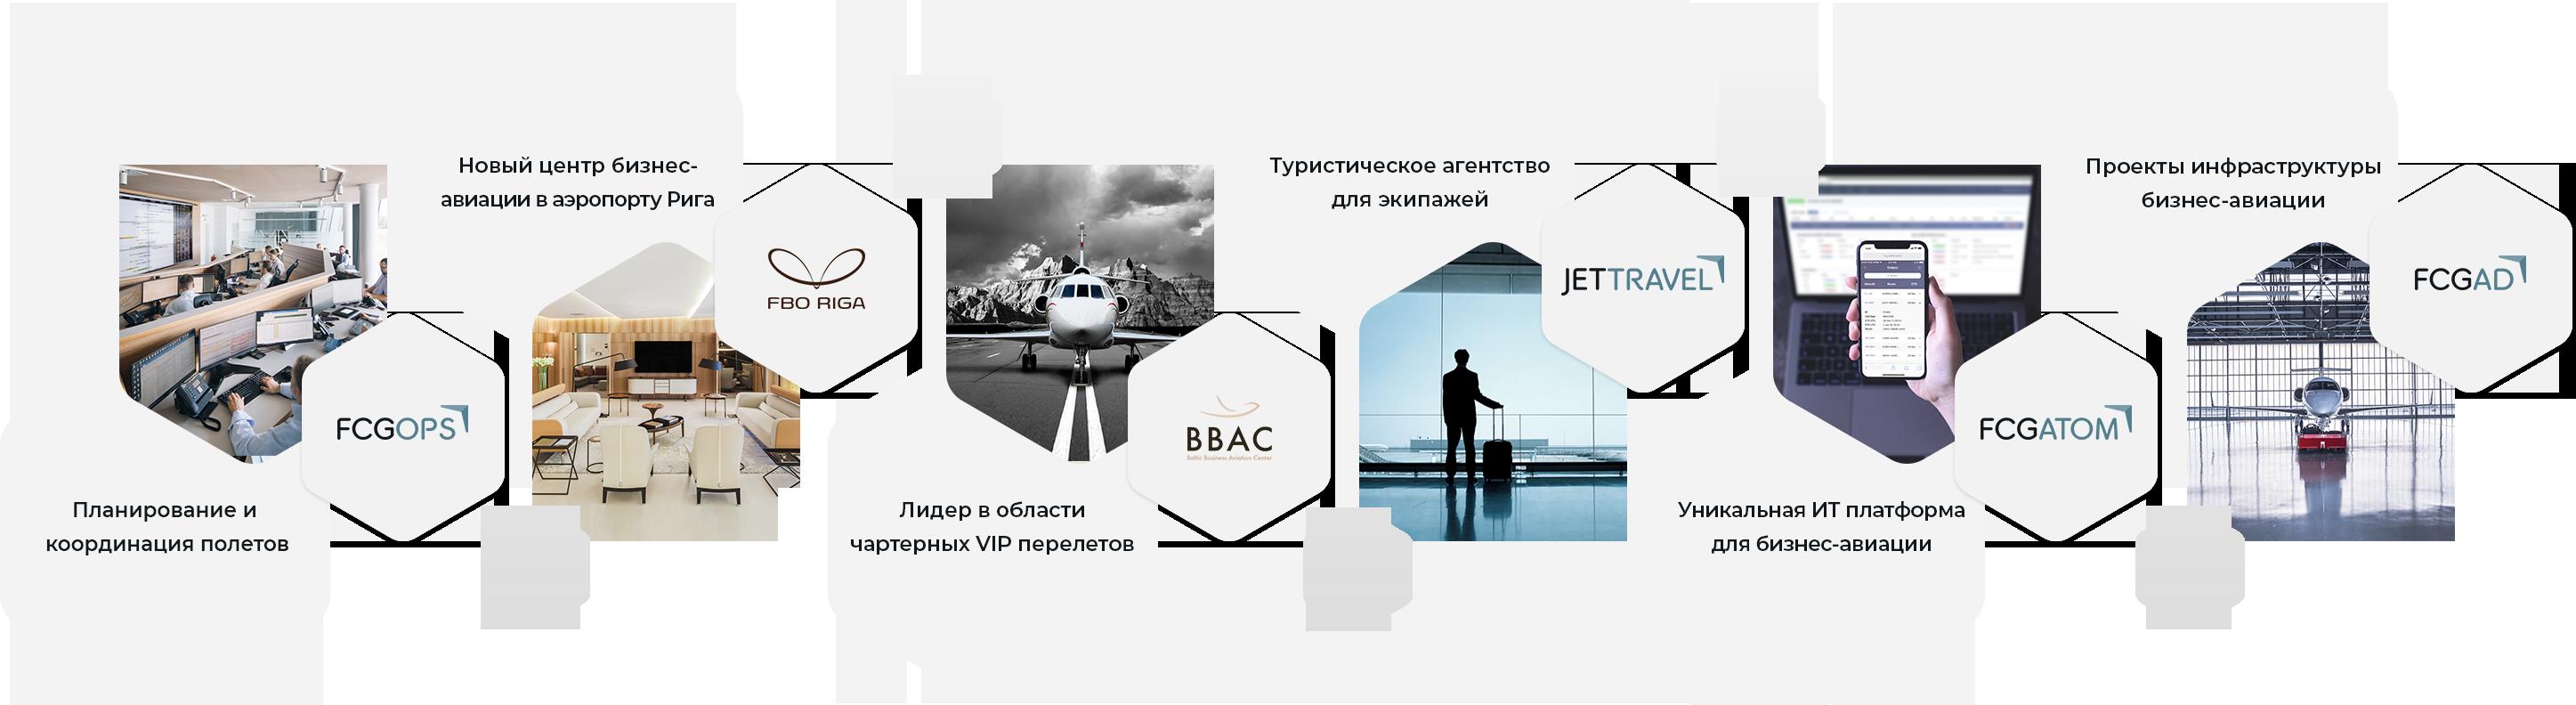 Авиационные финансы